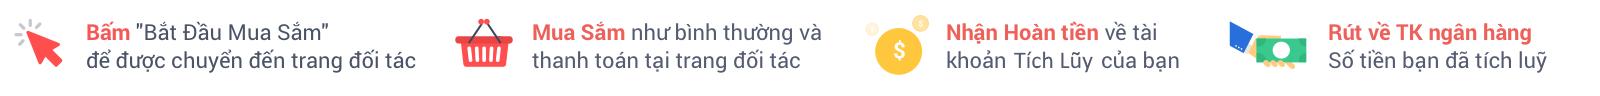 Dễ dàng nhận tiền hoàn lại từ Nguyễn Kim với Tích Lũy